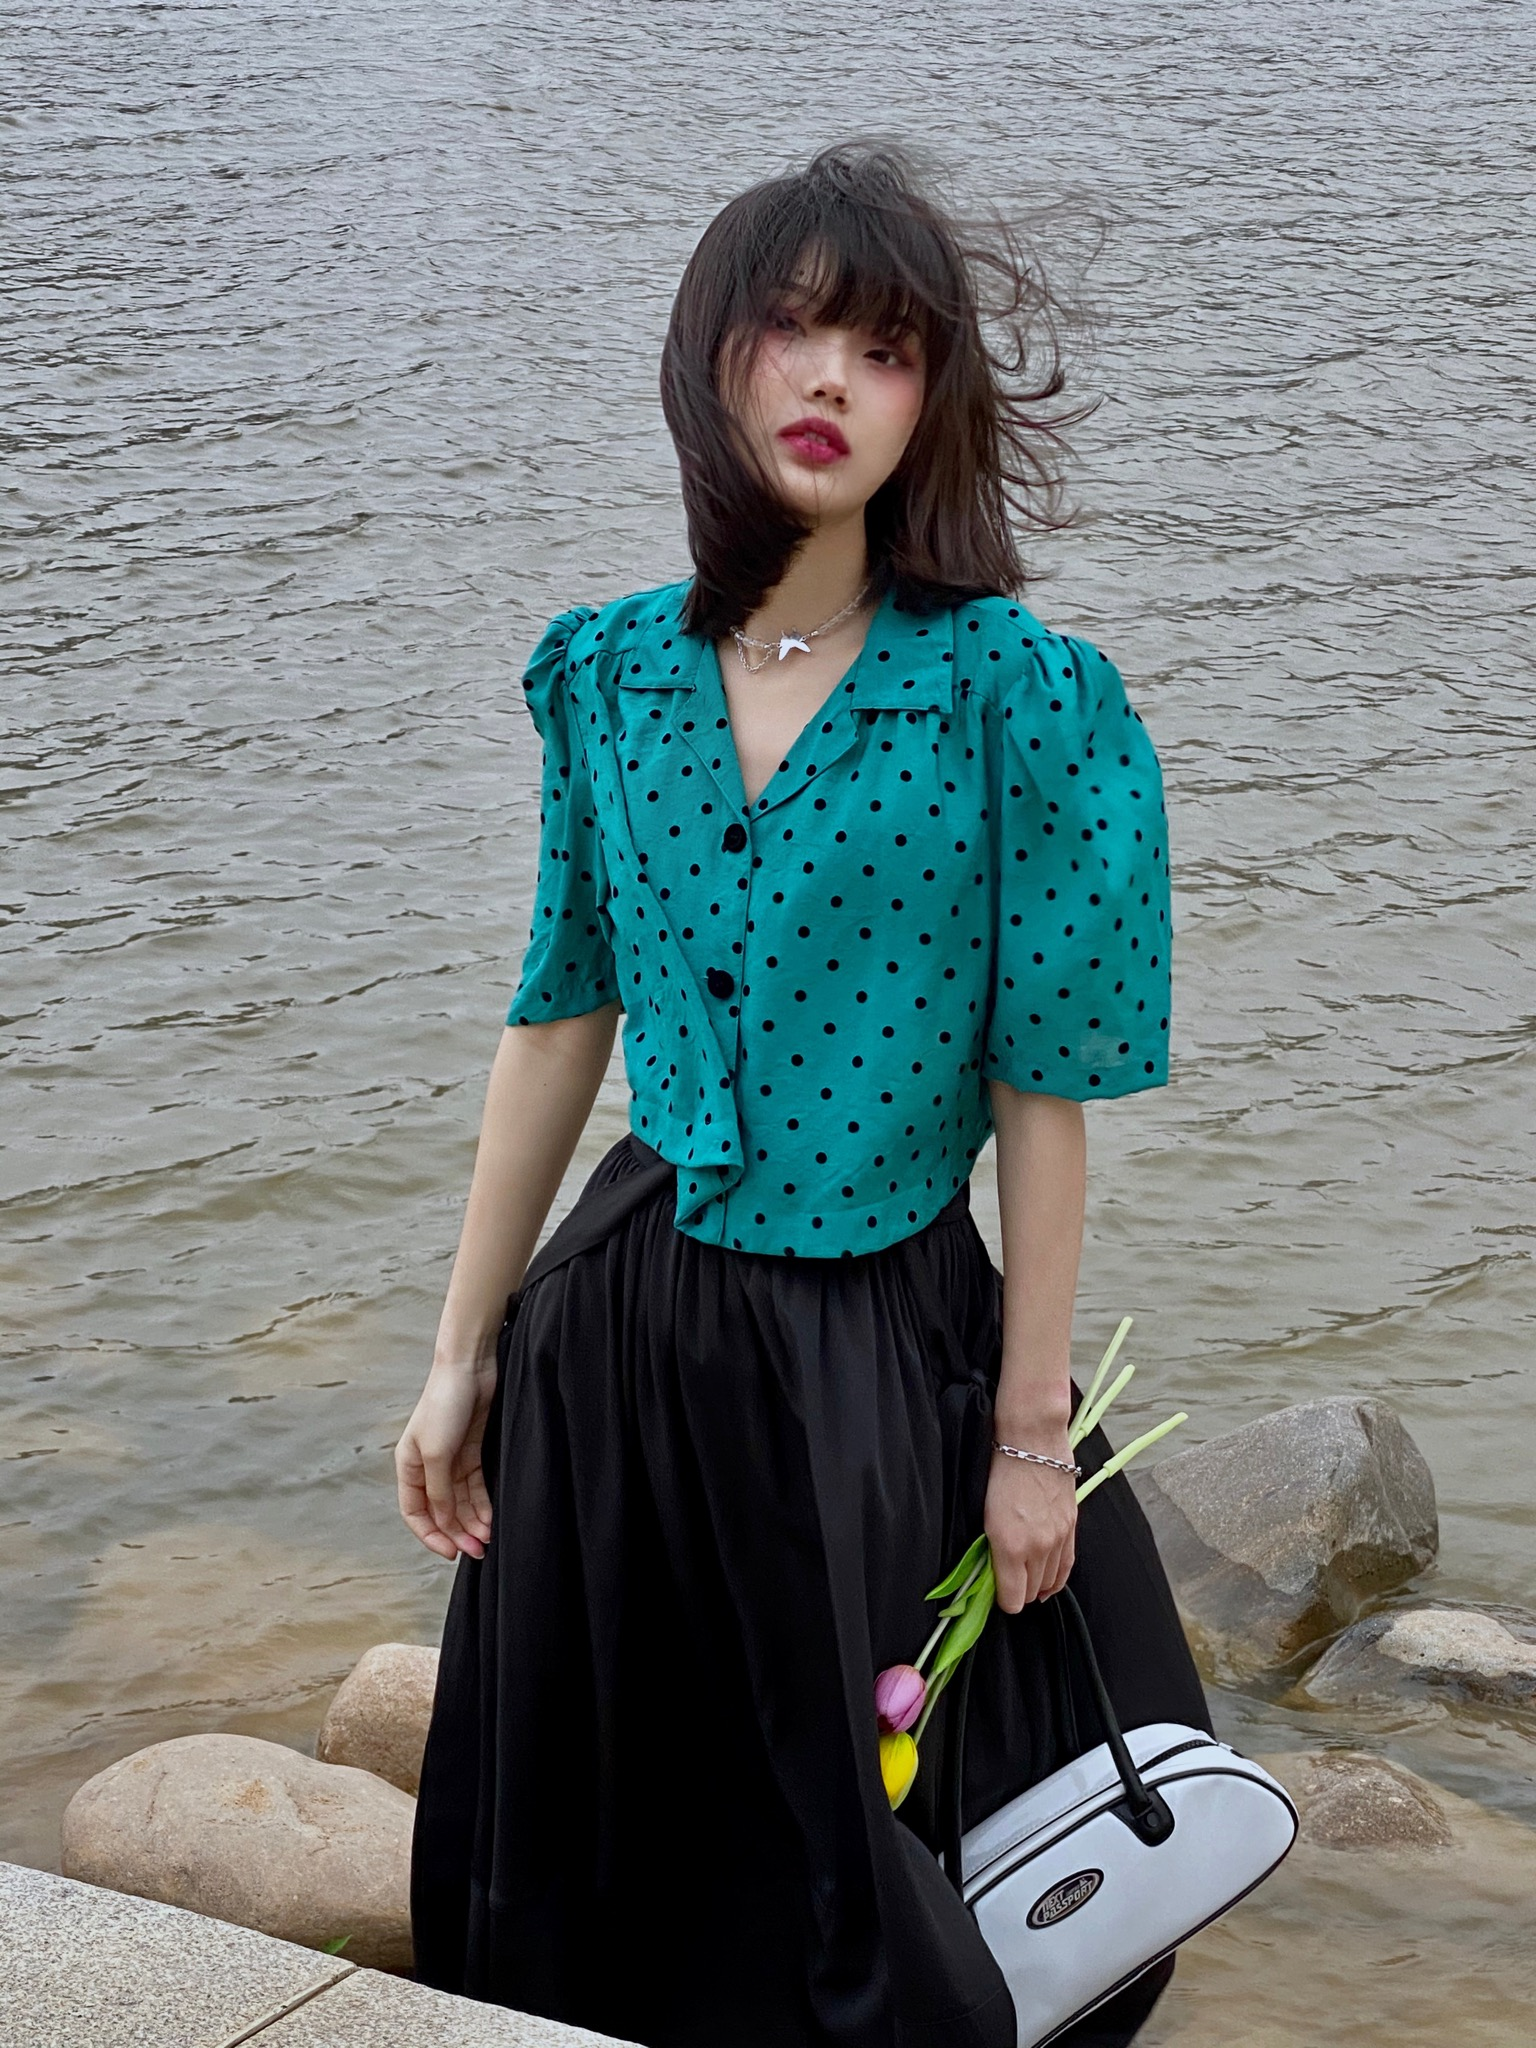 女款短袖衬衫 英雄所lvetong原创宫廷感泡泡袖孔雀绿波点短袖衬衫复古少女小众_推荐淘宝好看的女短袖衬衫